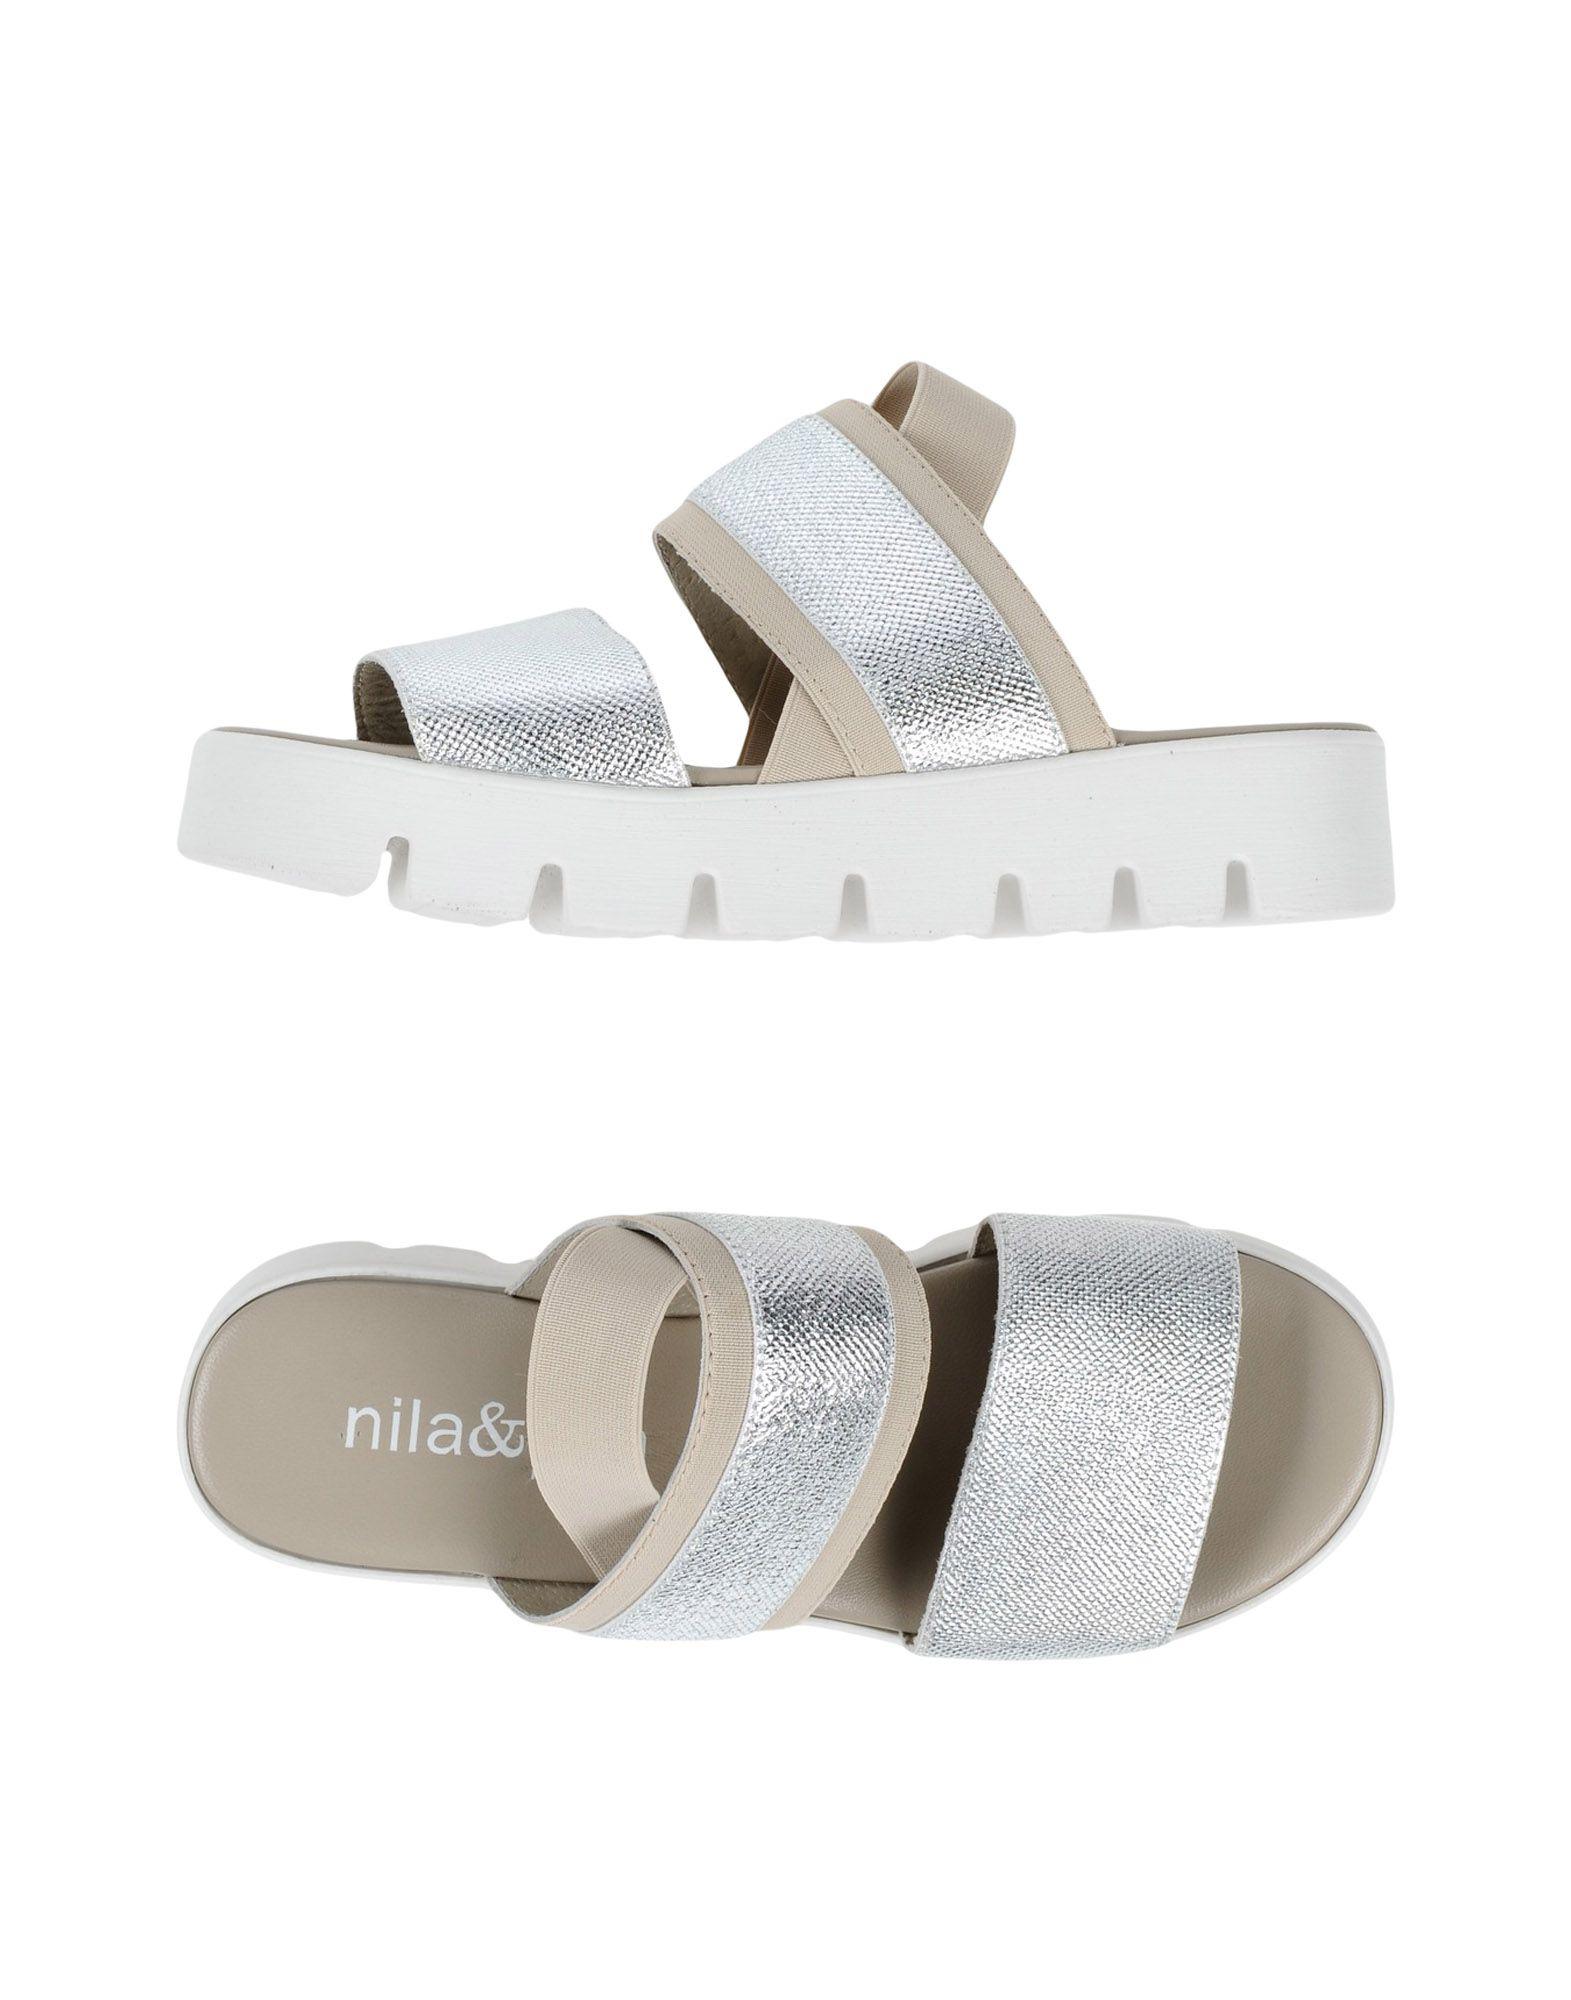 Nila & Nila Sandalen Damen  11443431LS Gute Qualität beliebte Schuhe